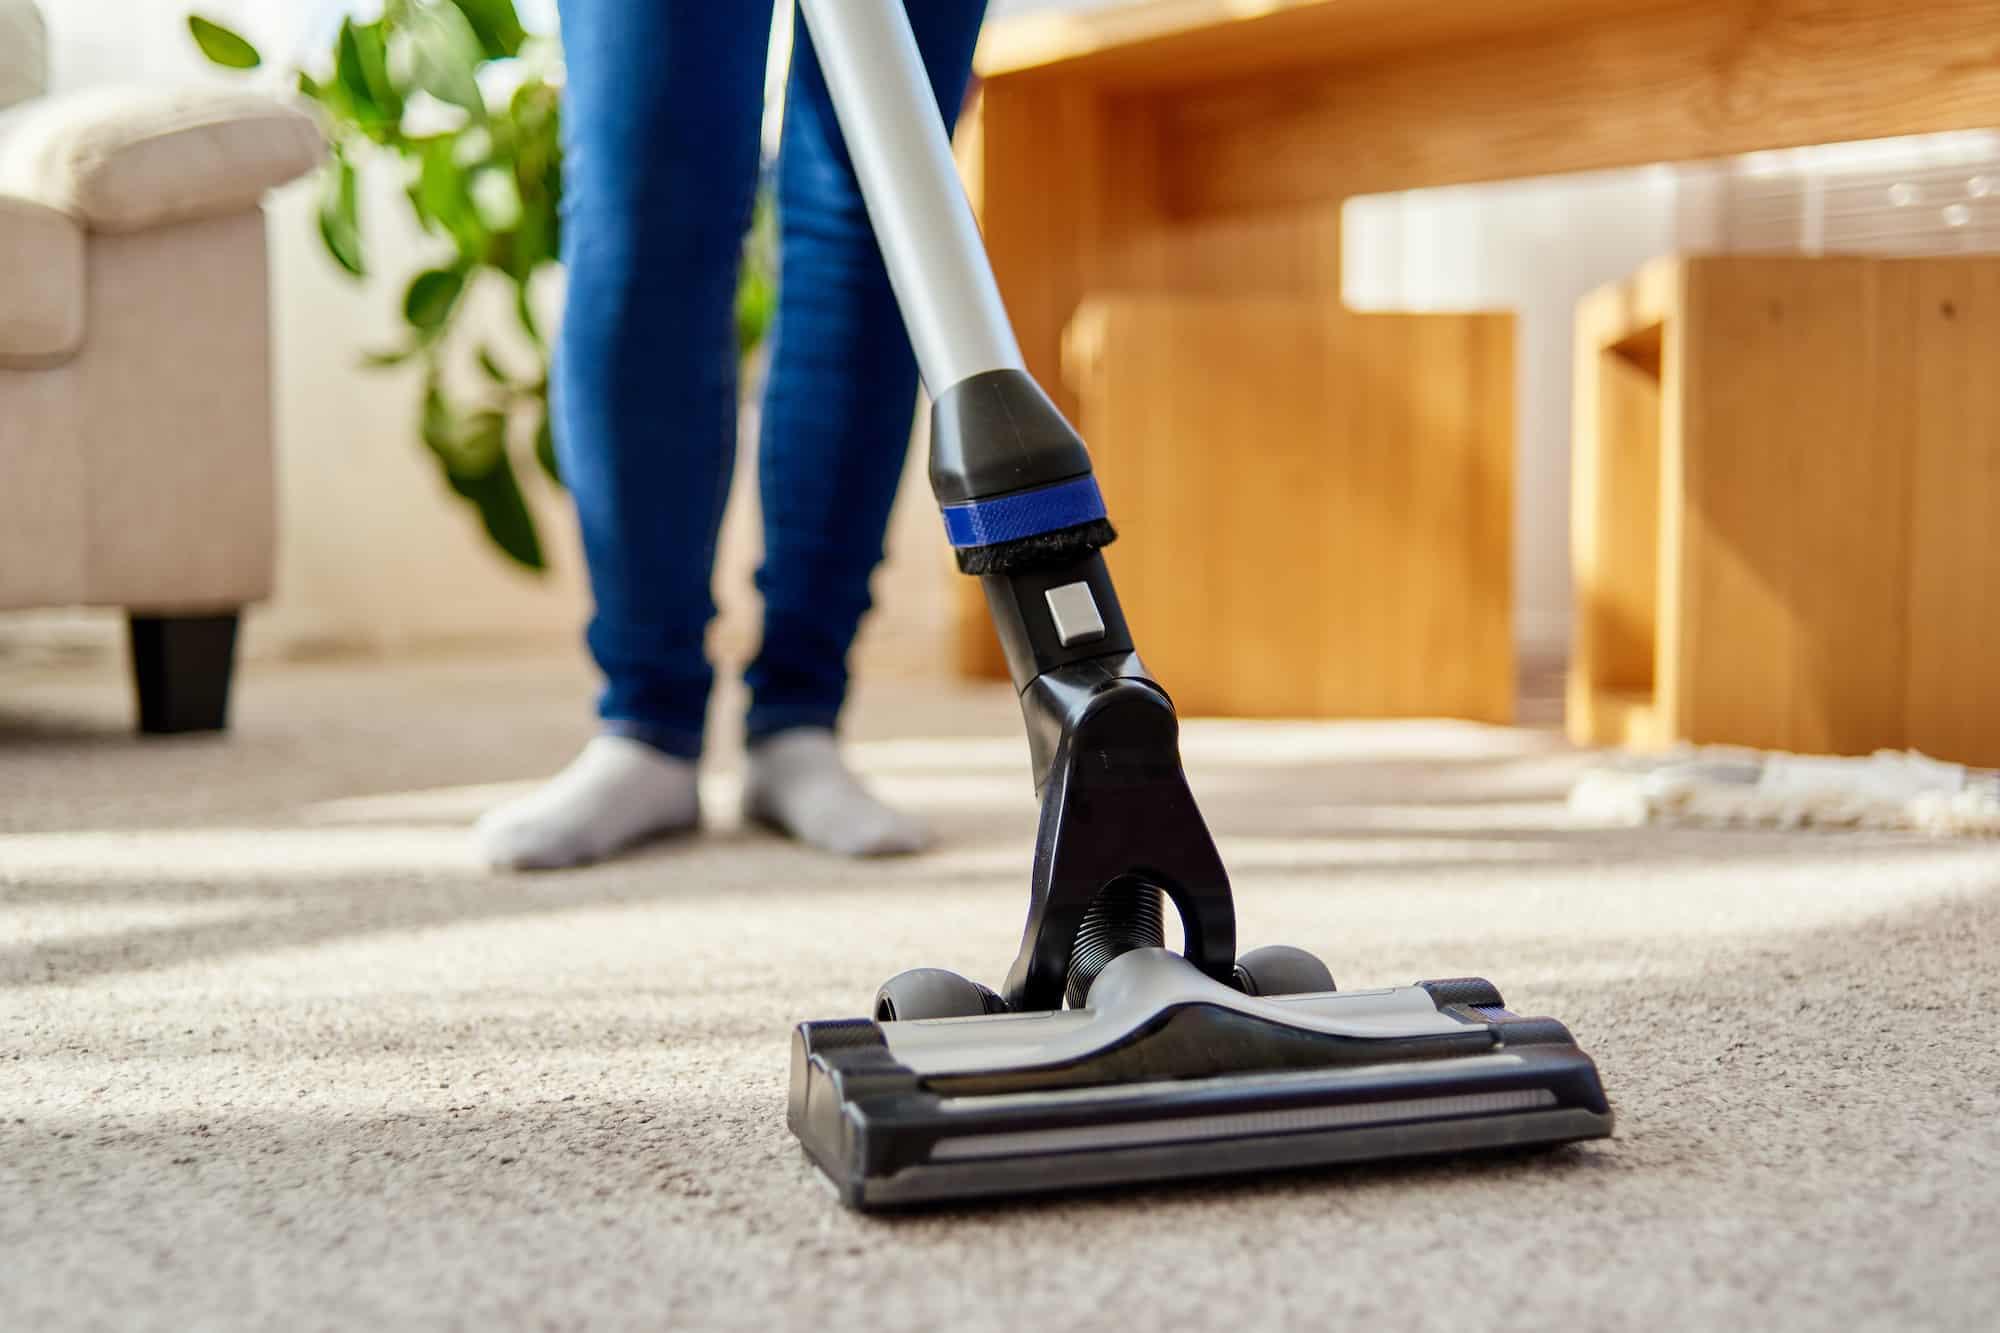 Oft wird ein Teppichkehrer auch mit einem Staubsauger verwechselt